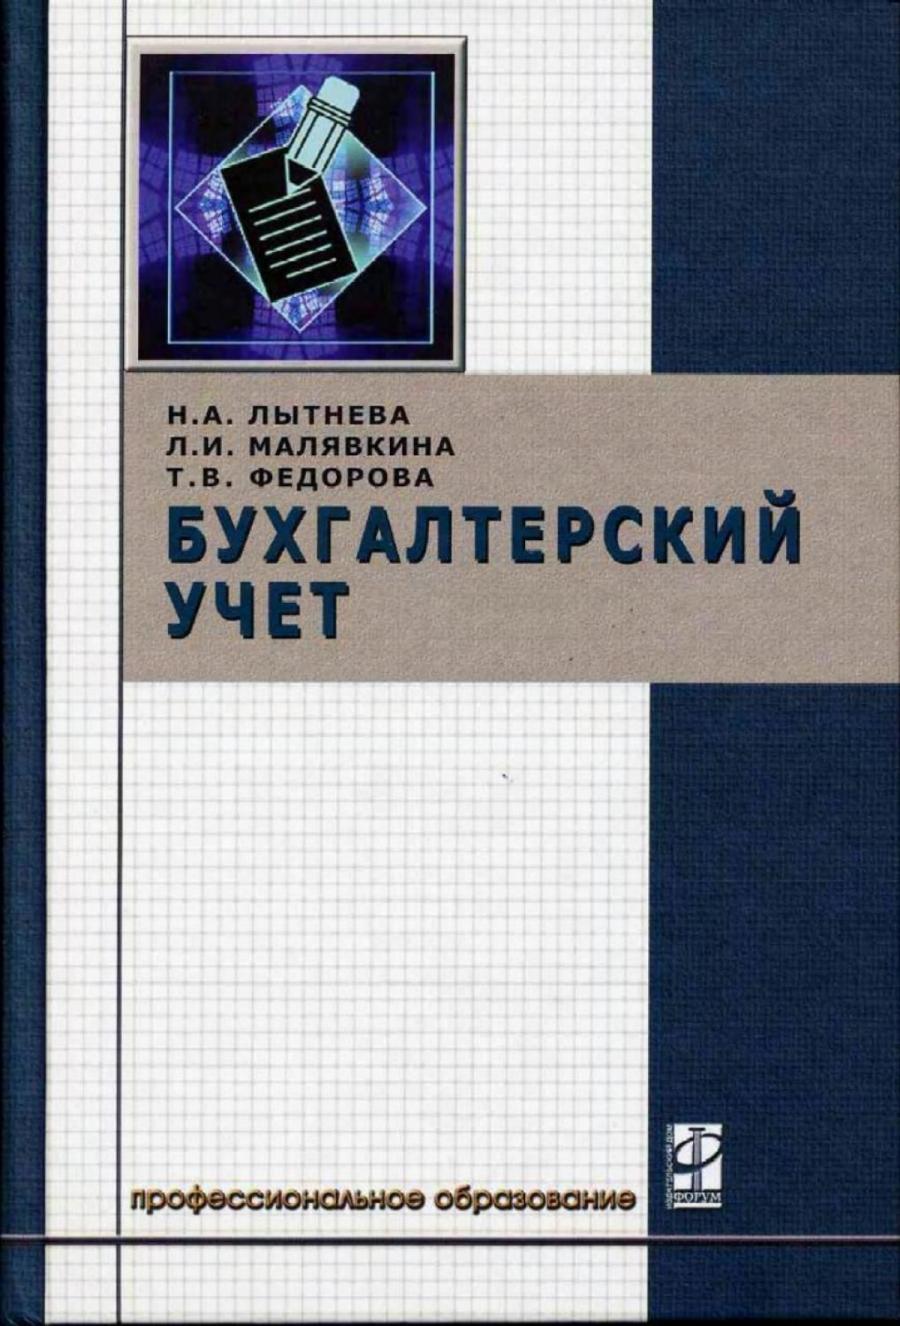 Обложка книги:  лытнева н. а., малявкина л. и., федорова т. в. - бухгалтерский учет